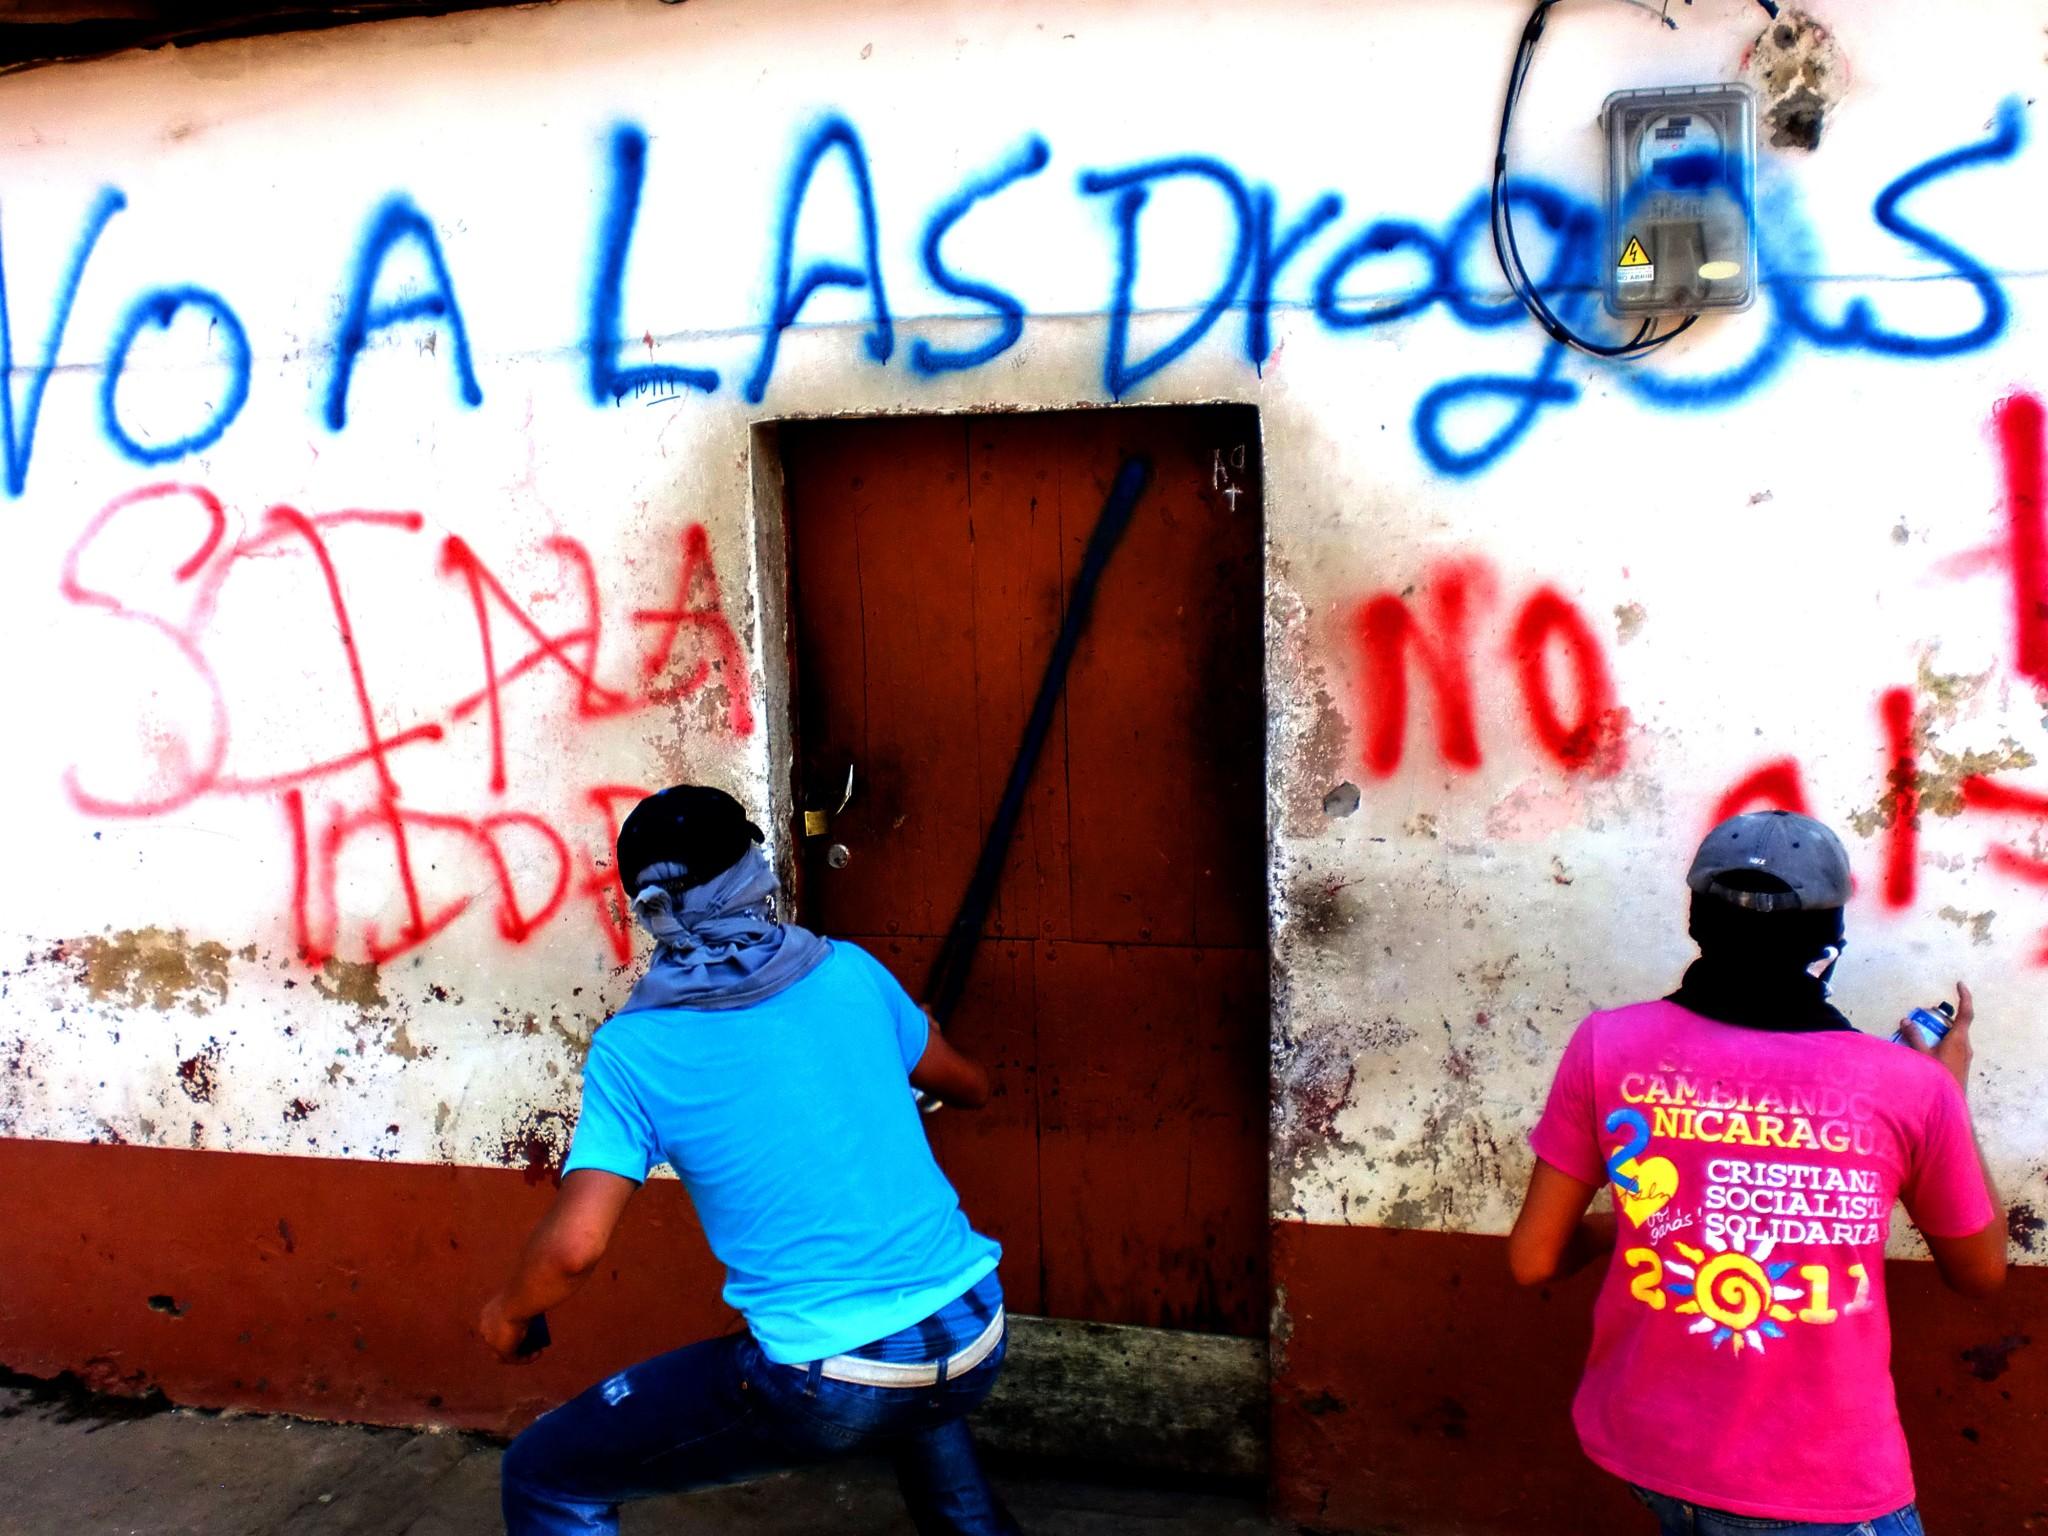 nic_leo_davidhutzler_chavaladas_demo_gegen_drogenkonsum_haeuser_von_dealern_werden_besprueht_201206